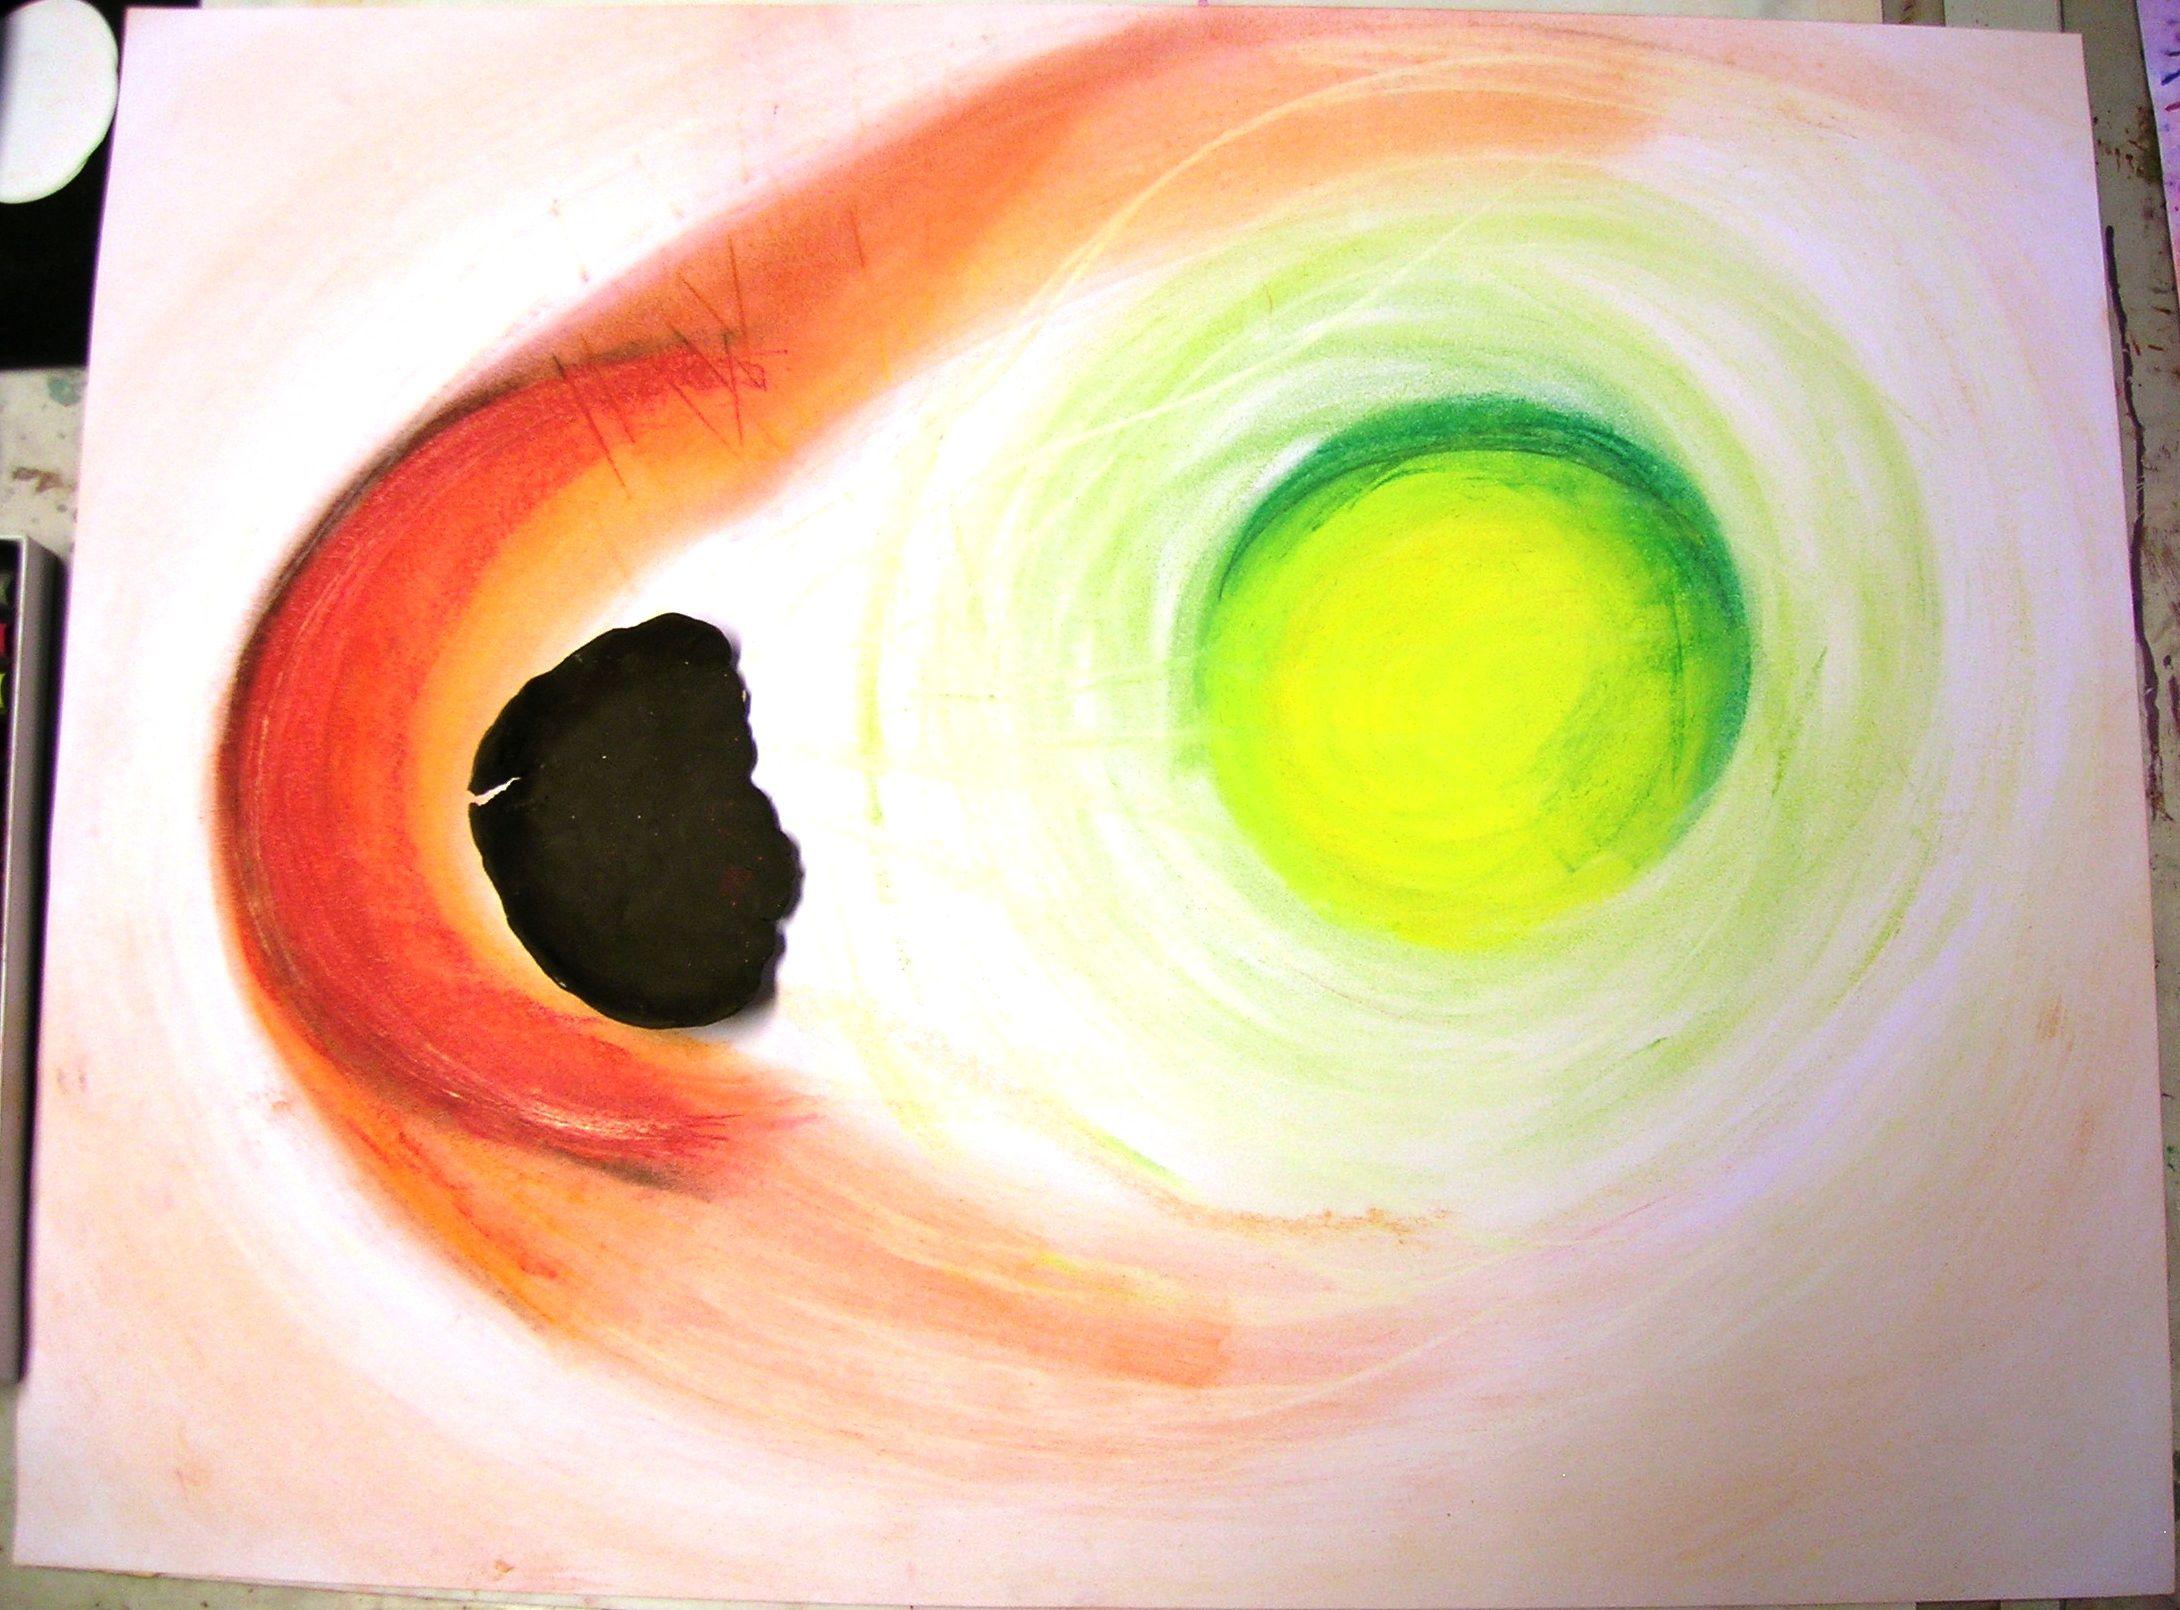 klei en pastelkrijt intuitief samenwerken 4